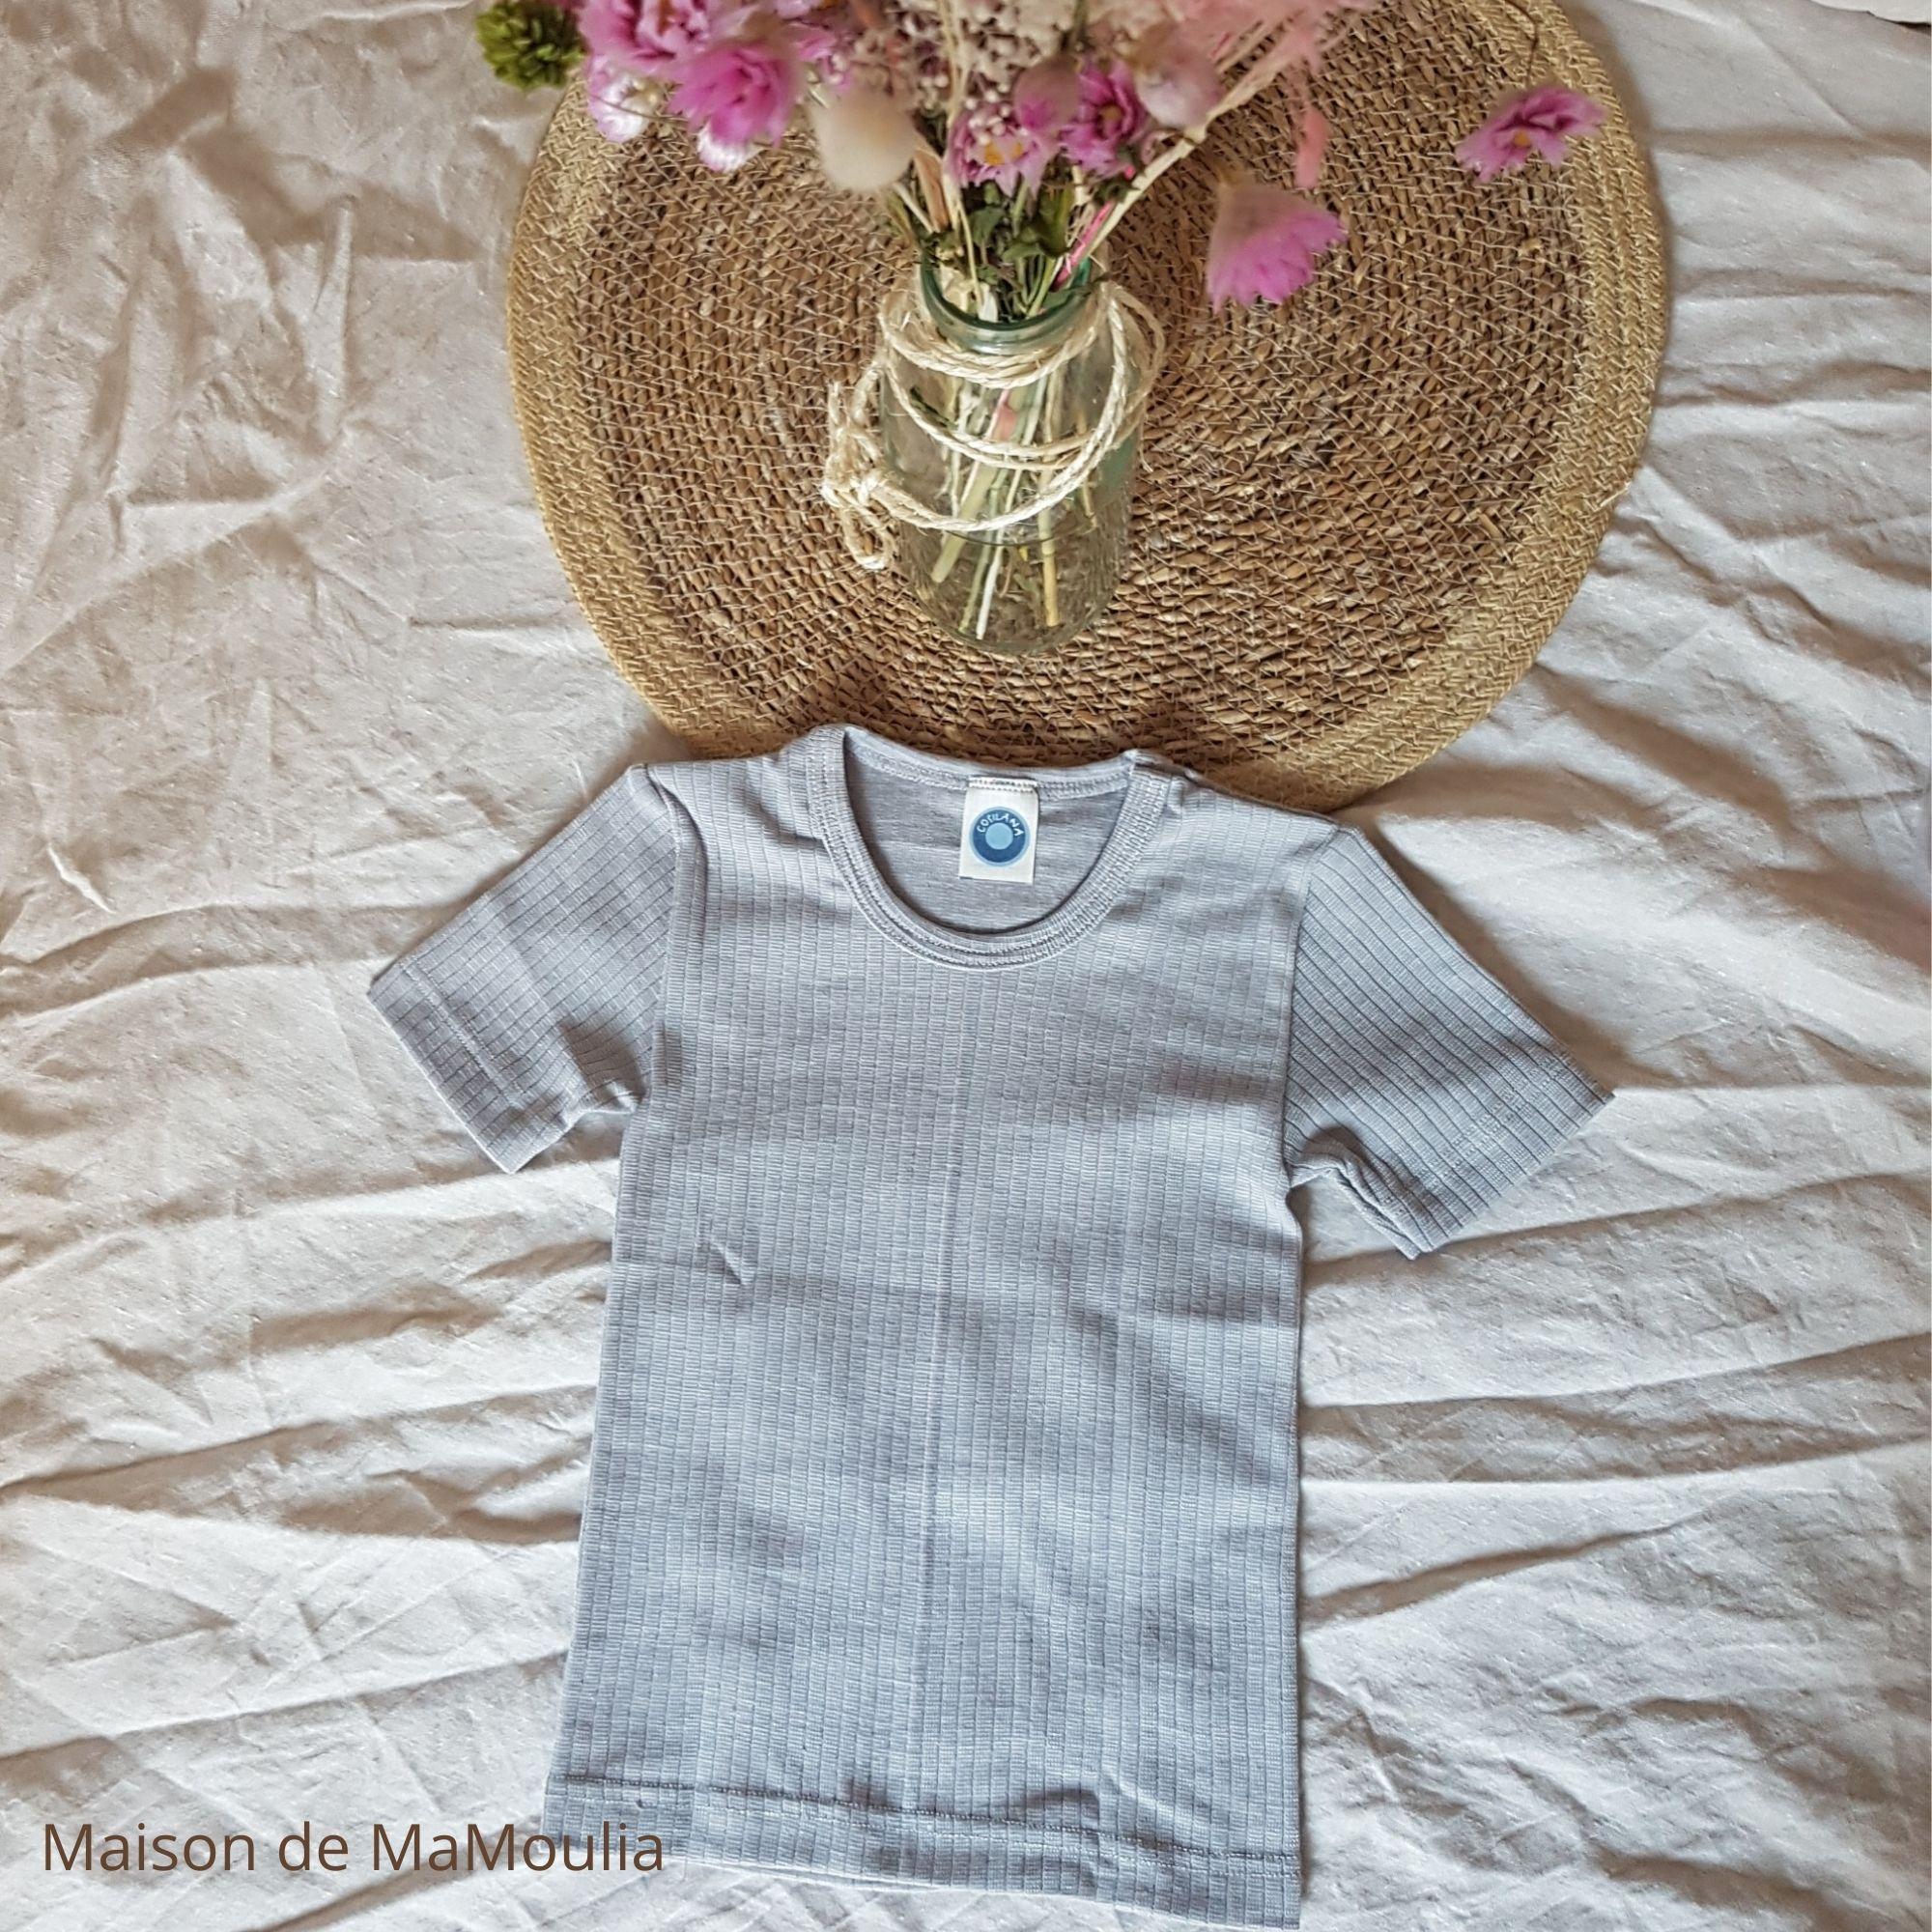 COSILANA - T-shirt manches courtes - Laine/Soie/Coton bio, Gris